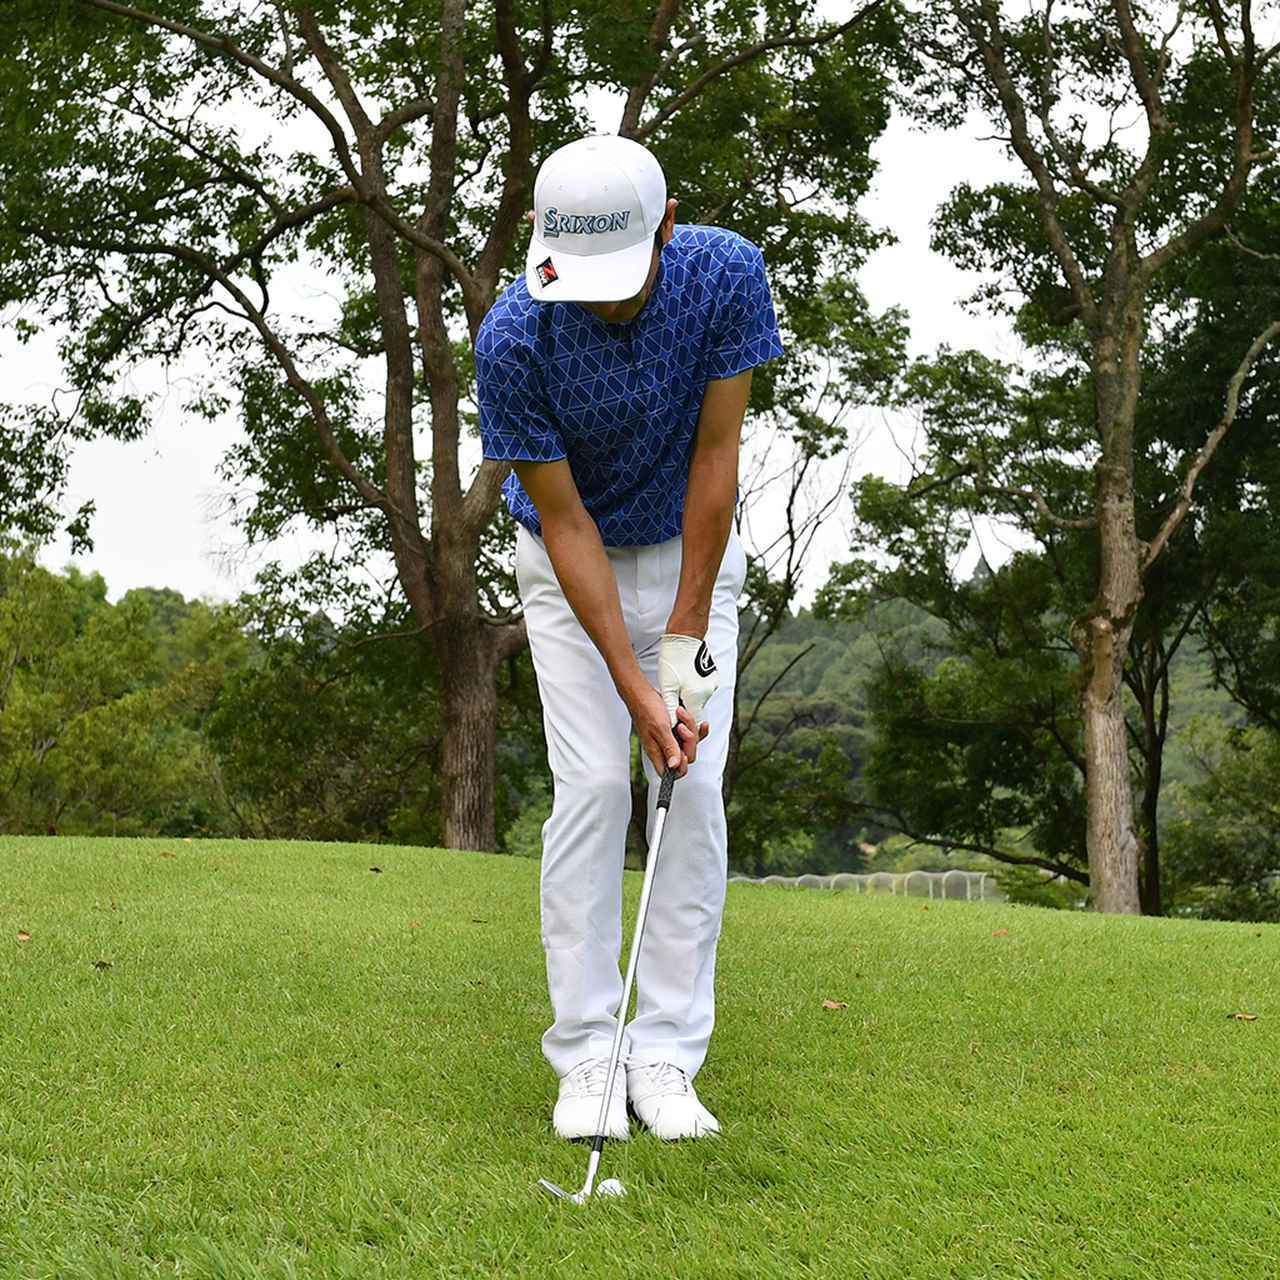 画像9: 【小技】逆目のアプローチ。距離感は? 番手は? さあ、どう打つ?